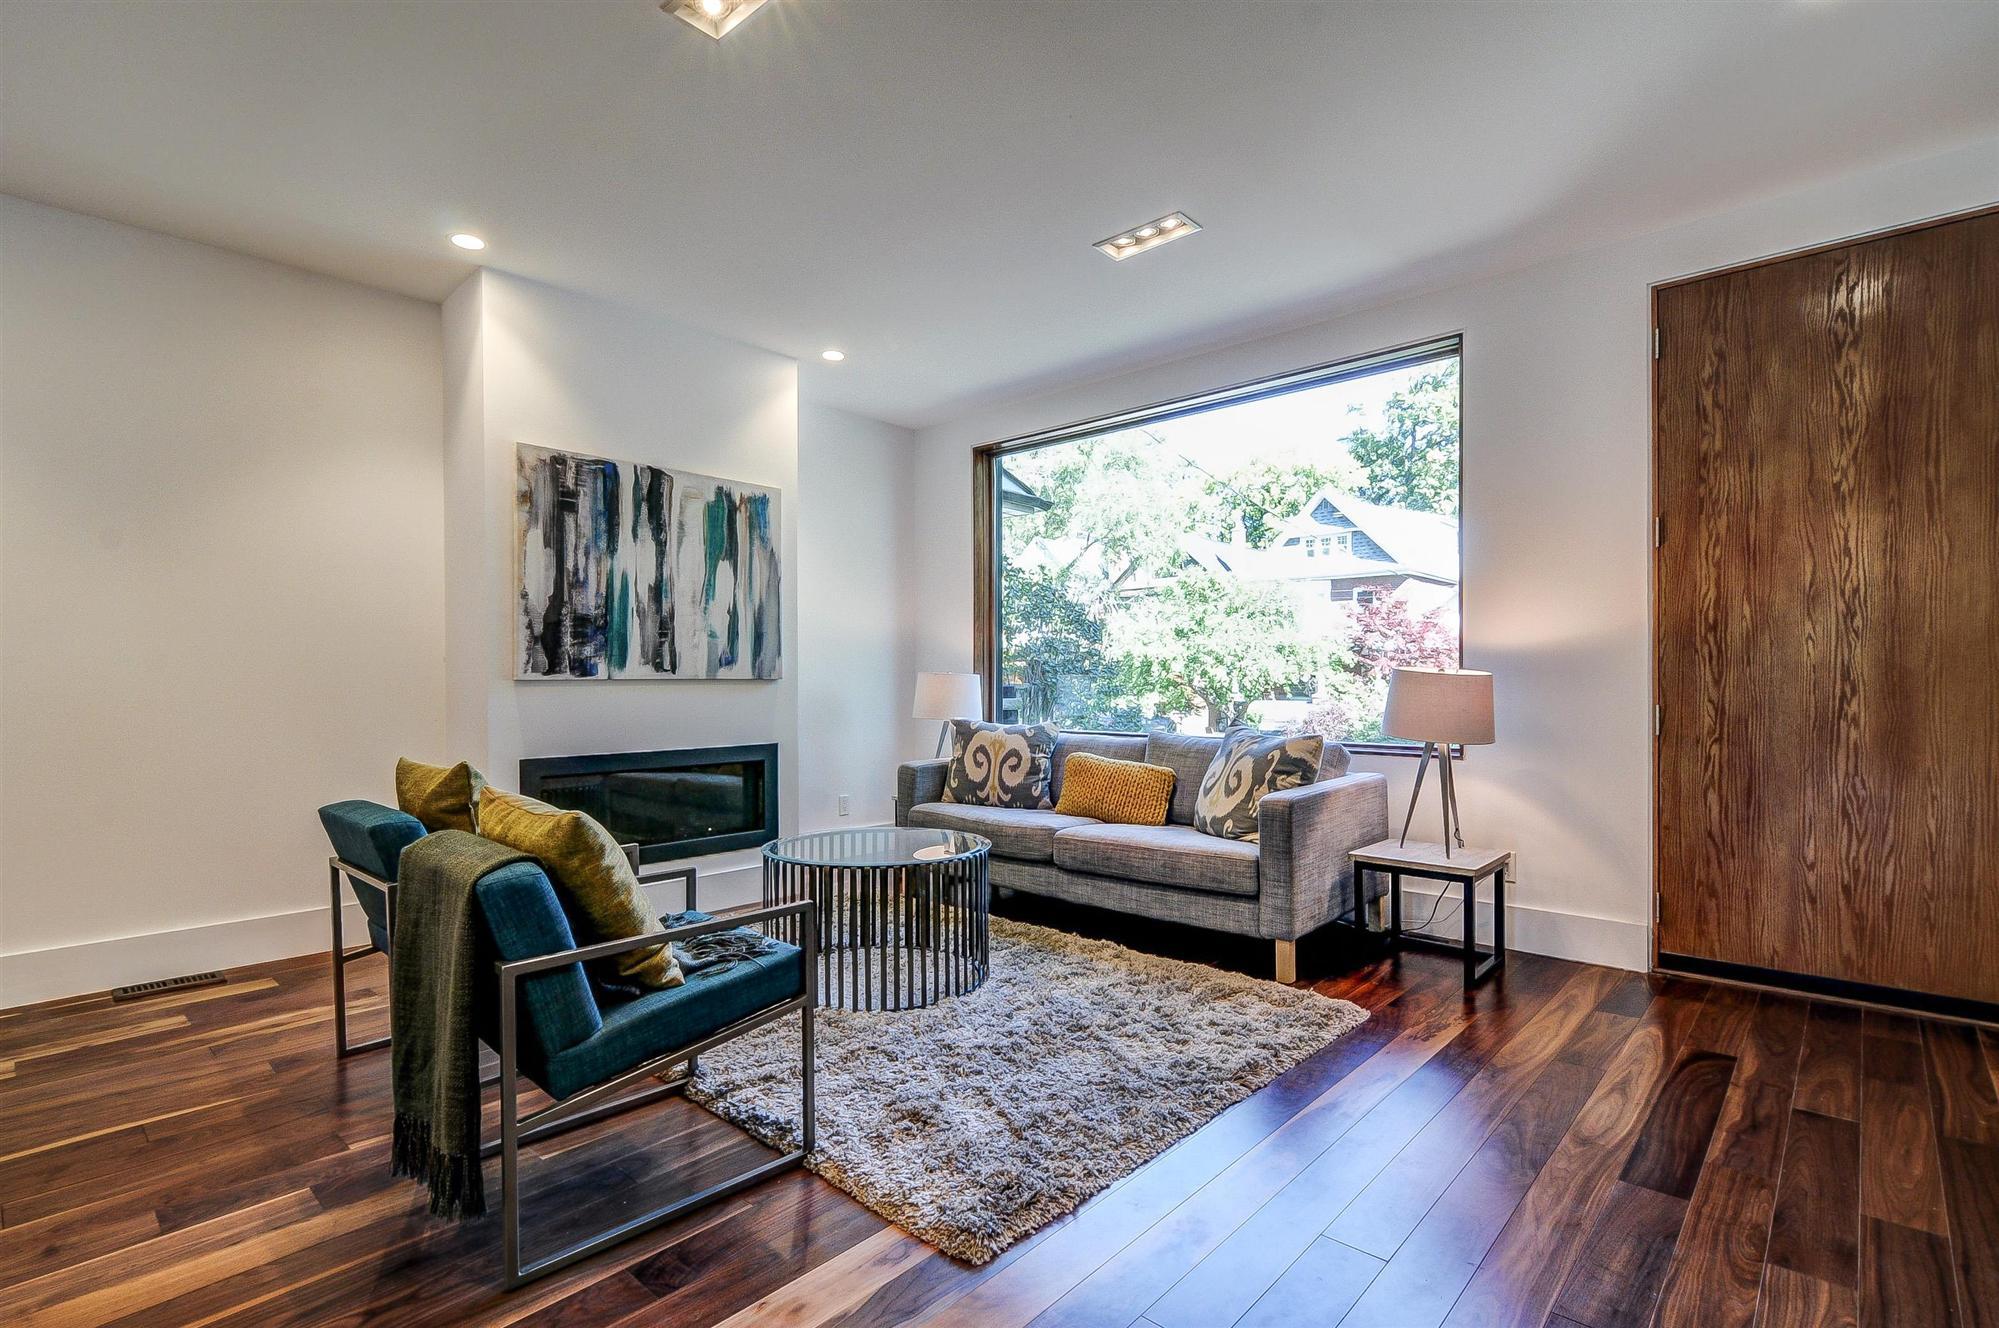 toronto-house-for-sale-32-elmer-avenue-2